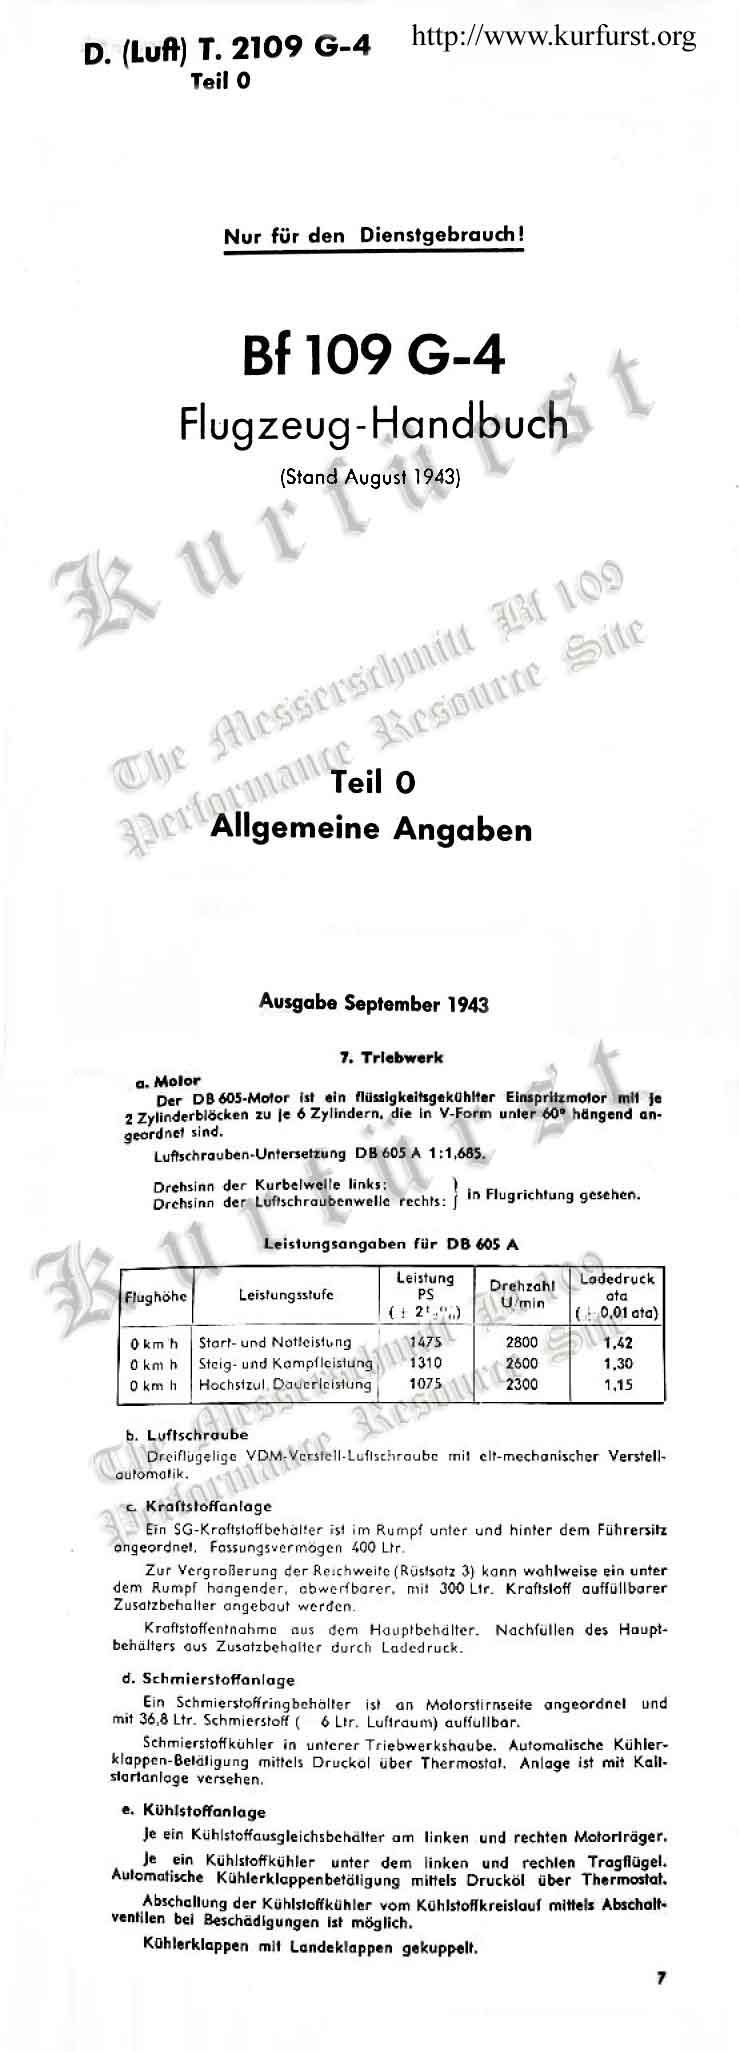 DB605A_clearance_Aug-29sept43_G4FzgHB-T0